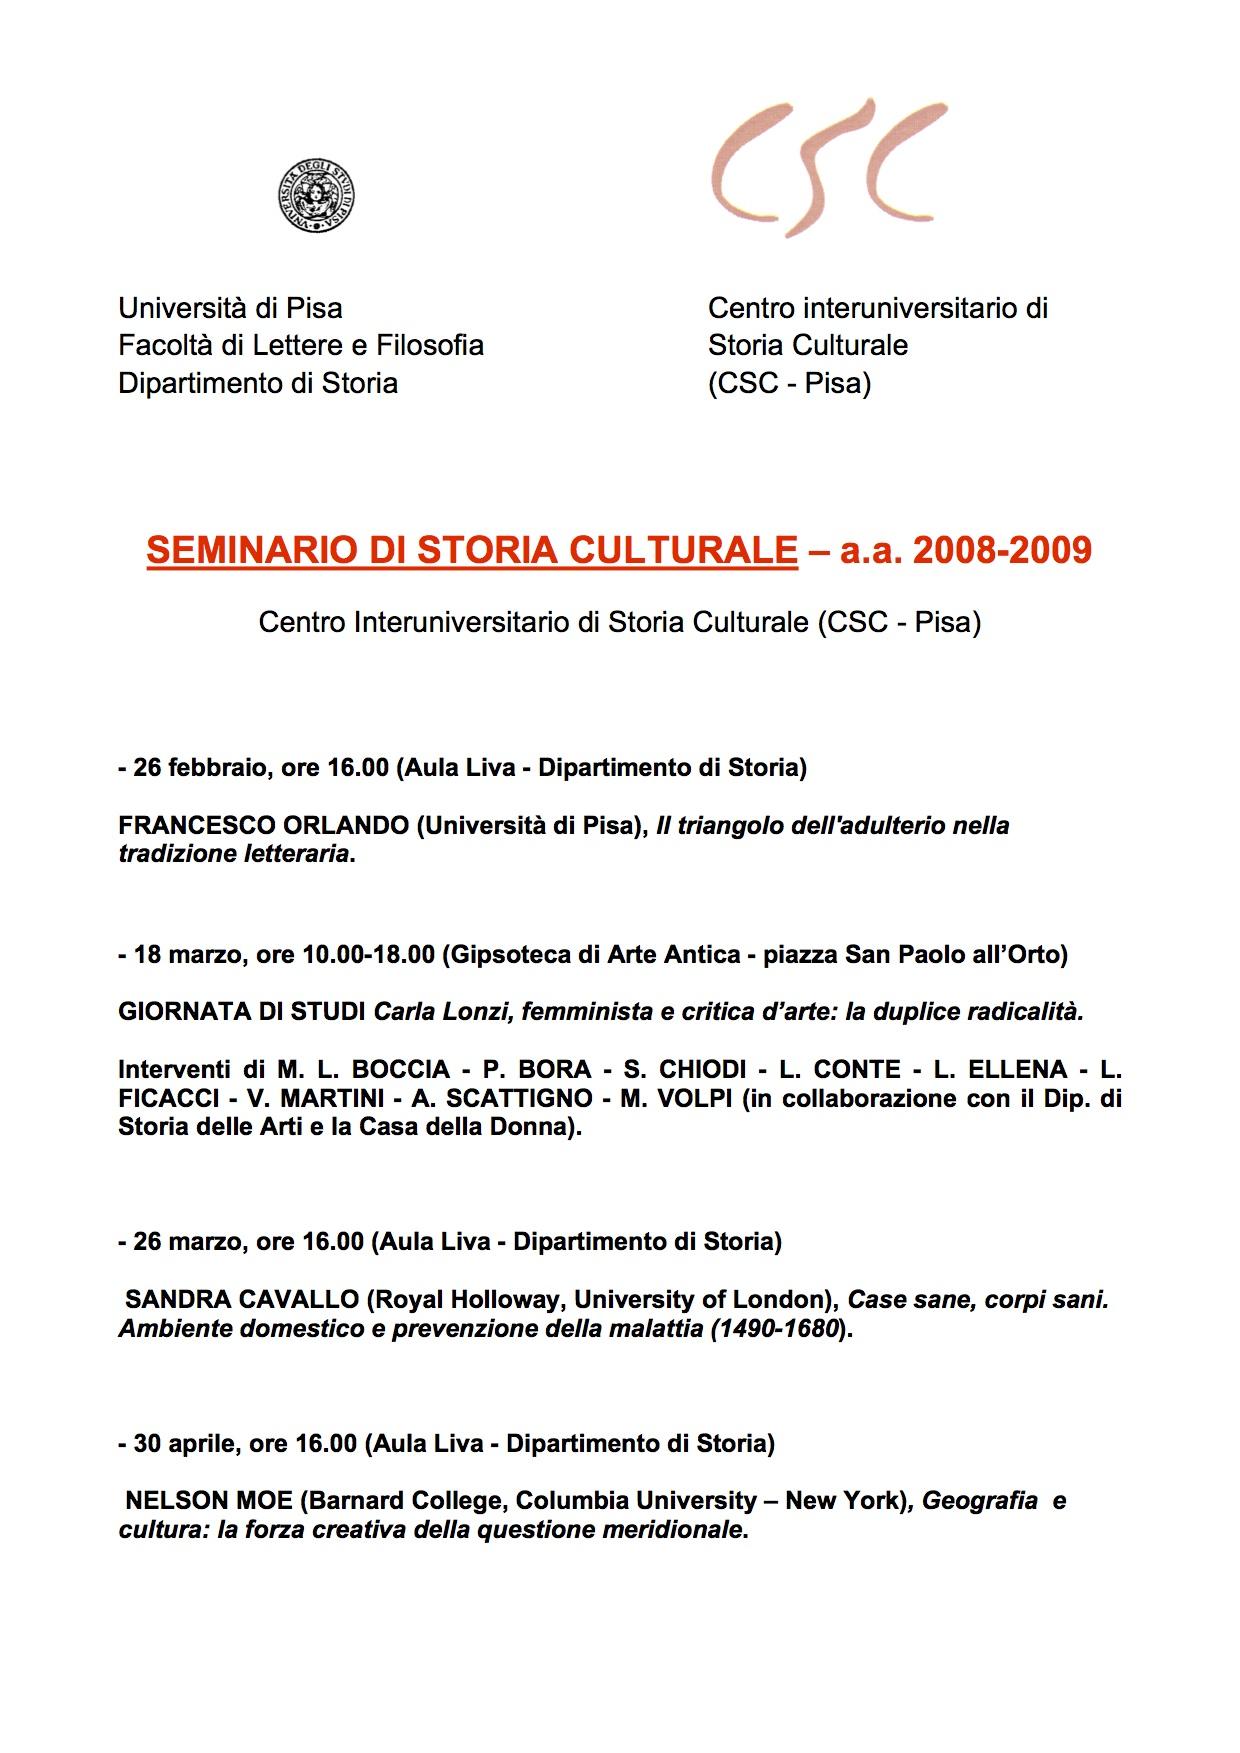 2008 (PI) Seminari Pisa.jpg